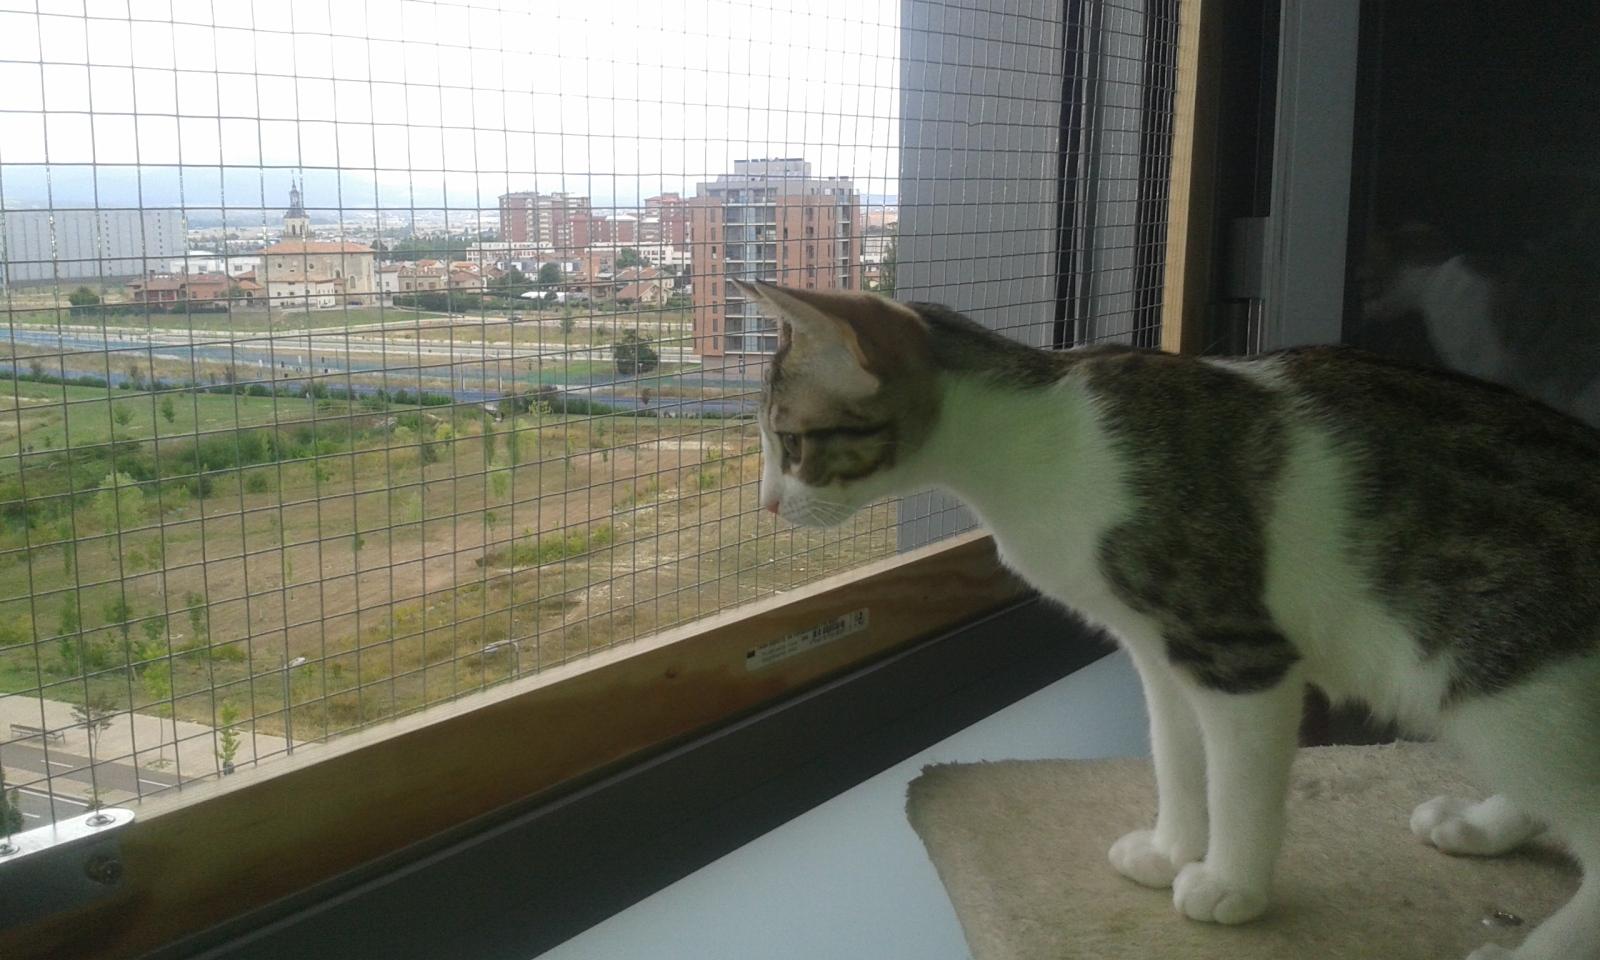 redes - Mosquiteras y redes para las ventanas y cómo proteger a nuestros gatos - Página 10 124v4if